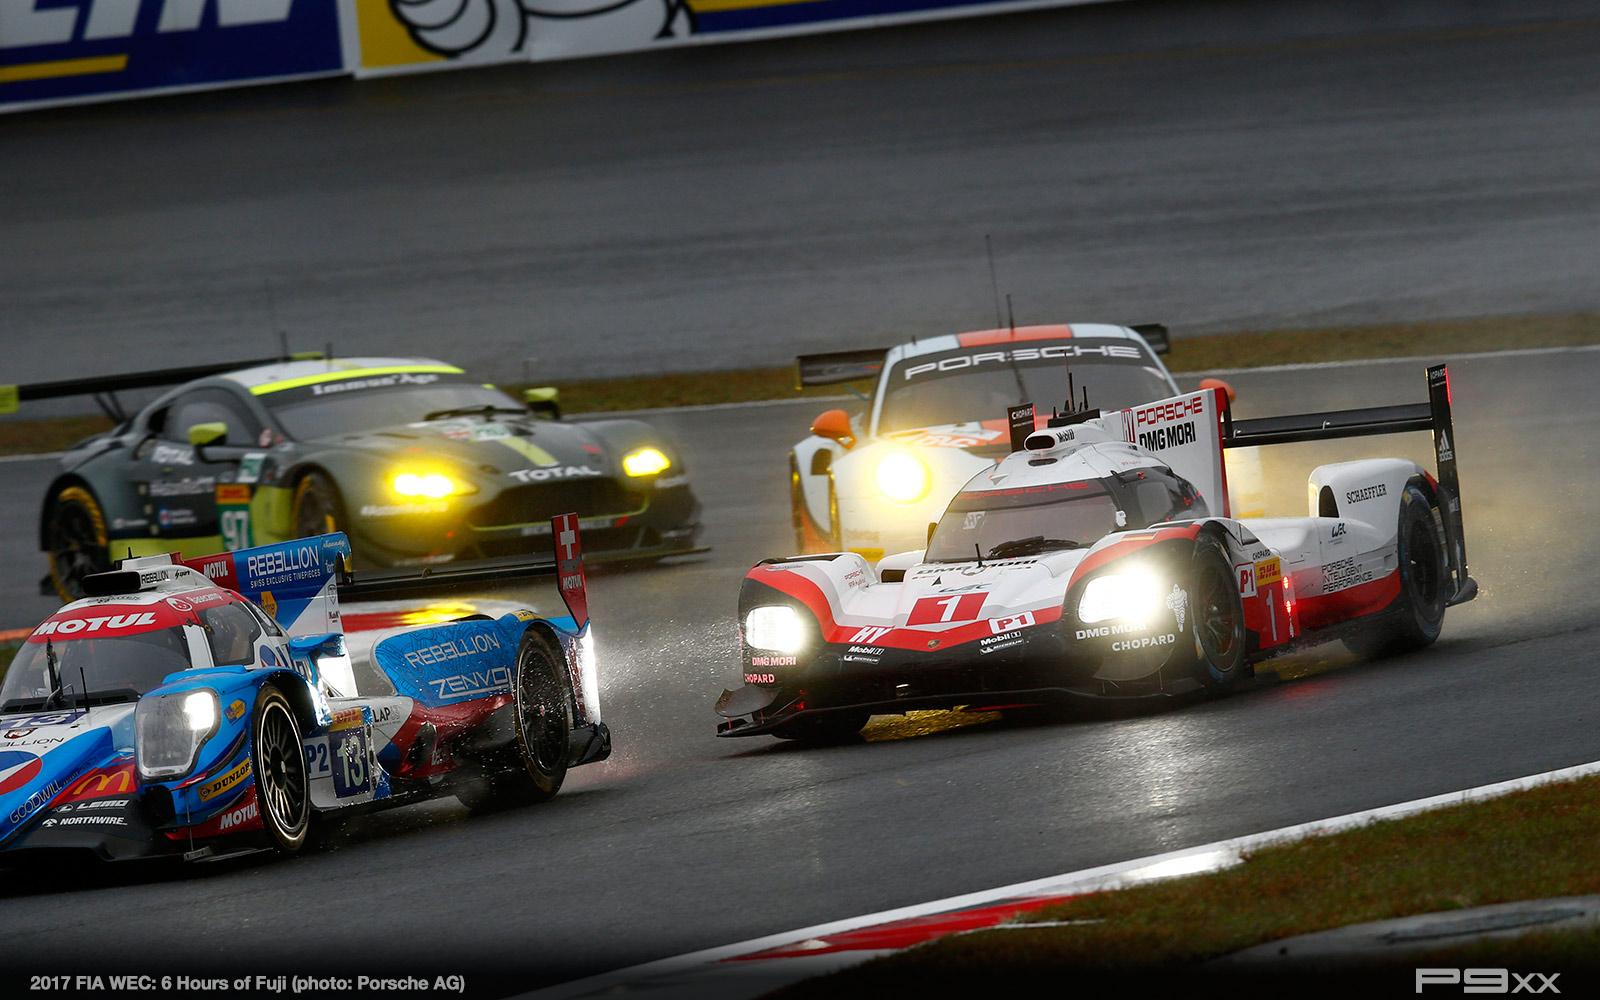 2017-FIA-WEC-6h-of-Fuji-Porsche-345